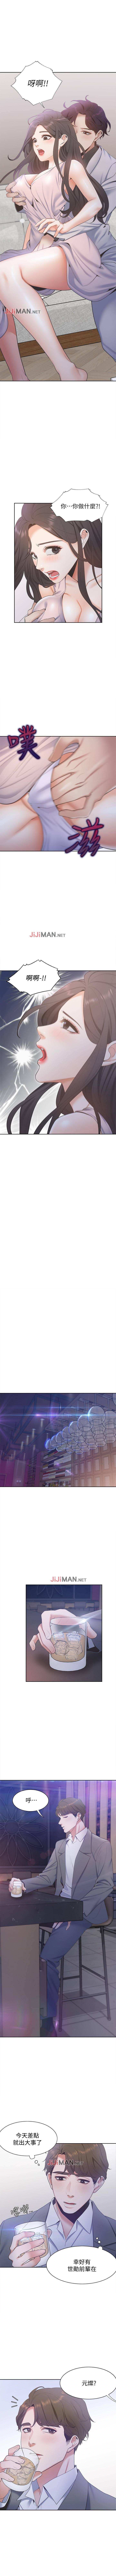 【周五连载】渴望:爱火难耐(作者:Appeal&格子17) 第1~24话 37